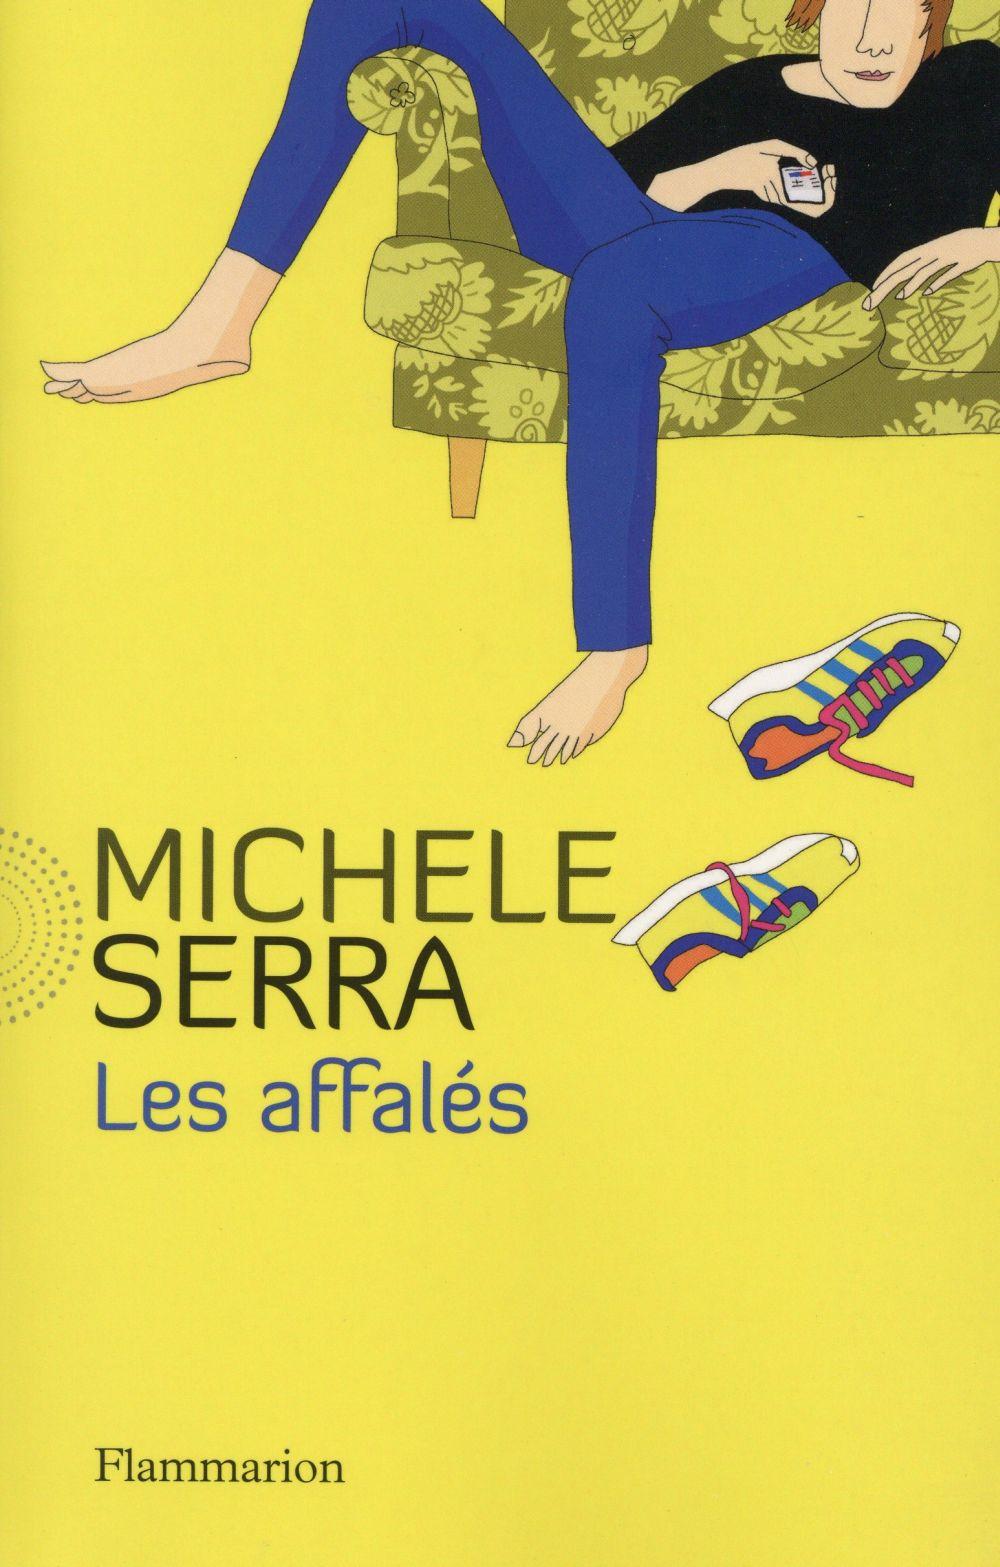 """""""Les affalés"""" de Michele Serra - la chronique #36 du Club des Explorateurs"""